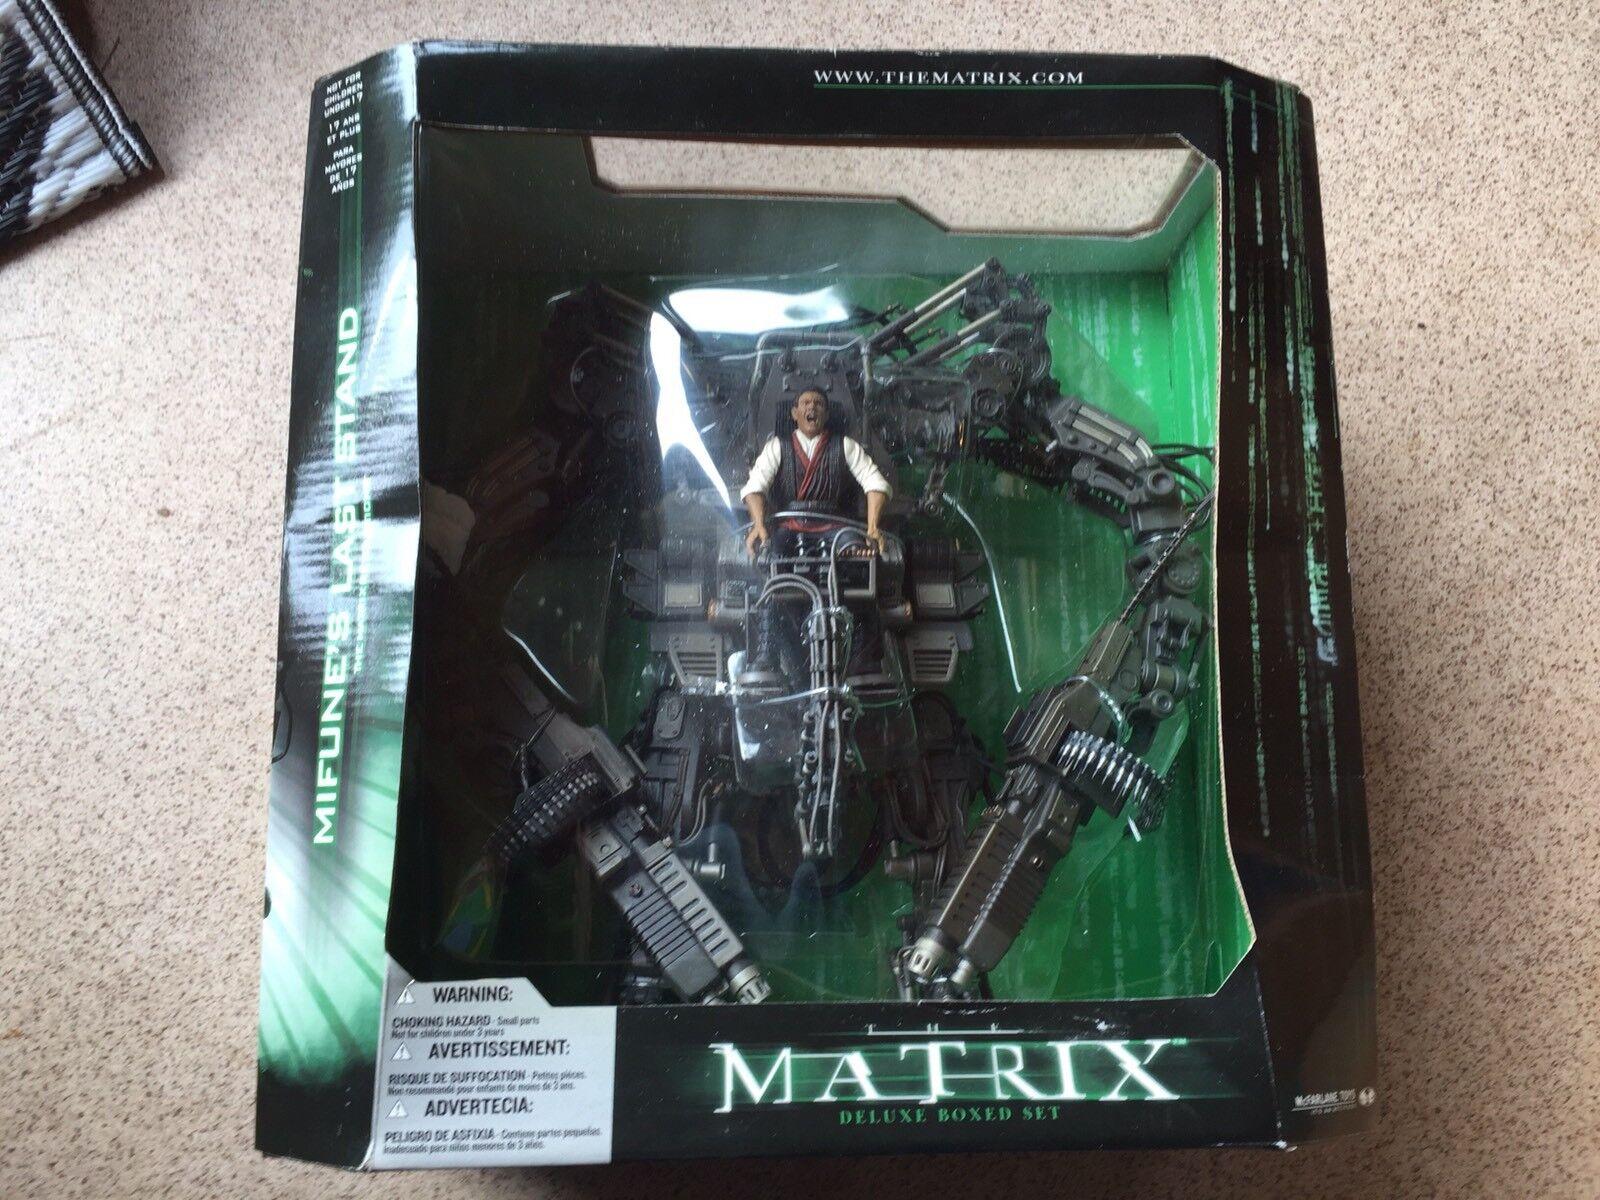 MacFarlane giocattolo Matrix Midivertimentoe's Last Ste - Molto raro MISB